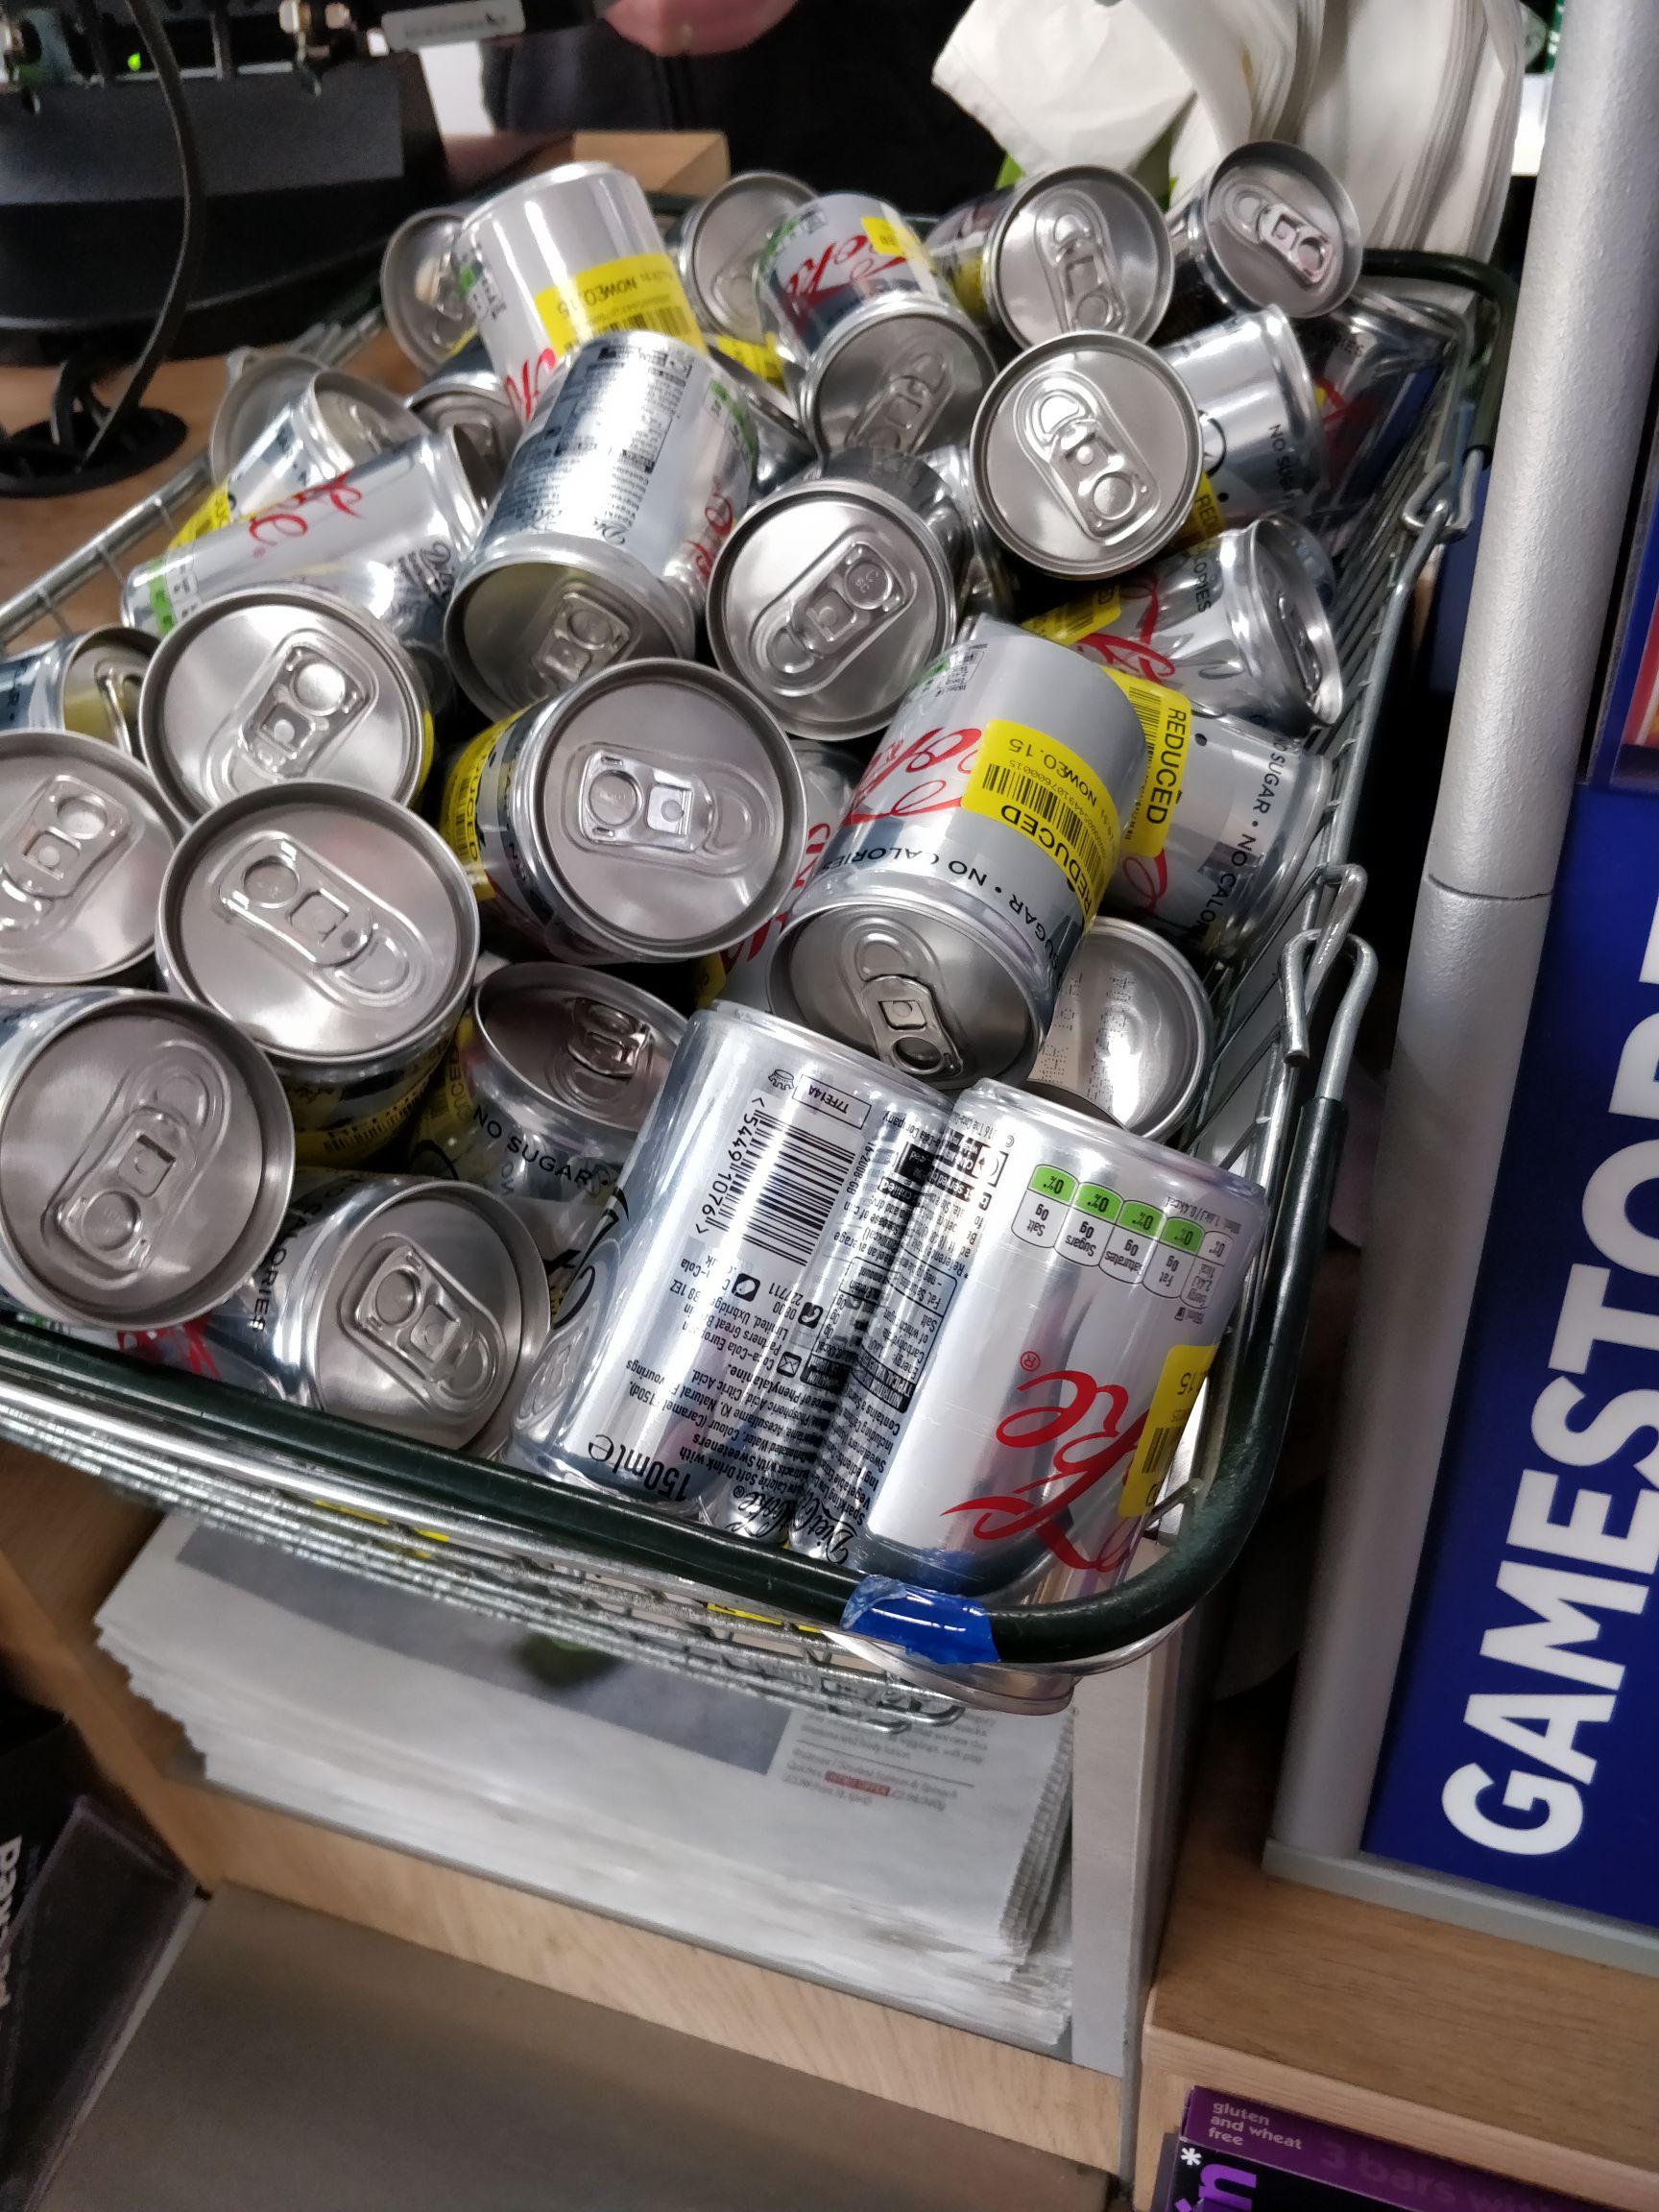 Diet Coke cans for 15p instore @ Waitrose